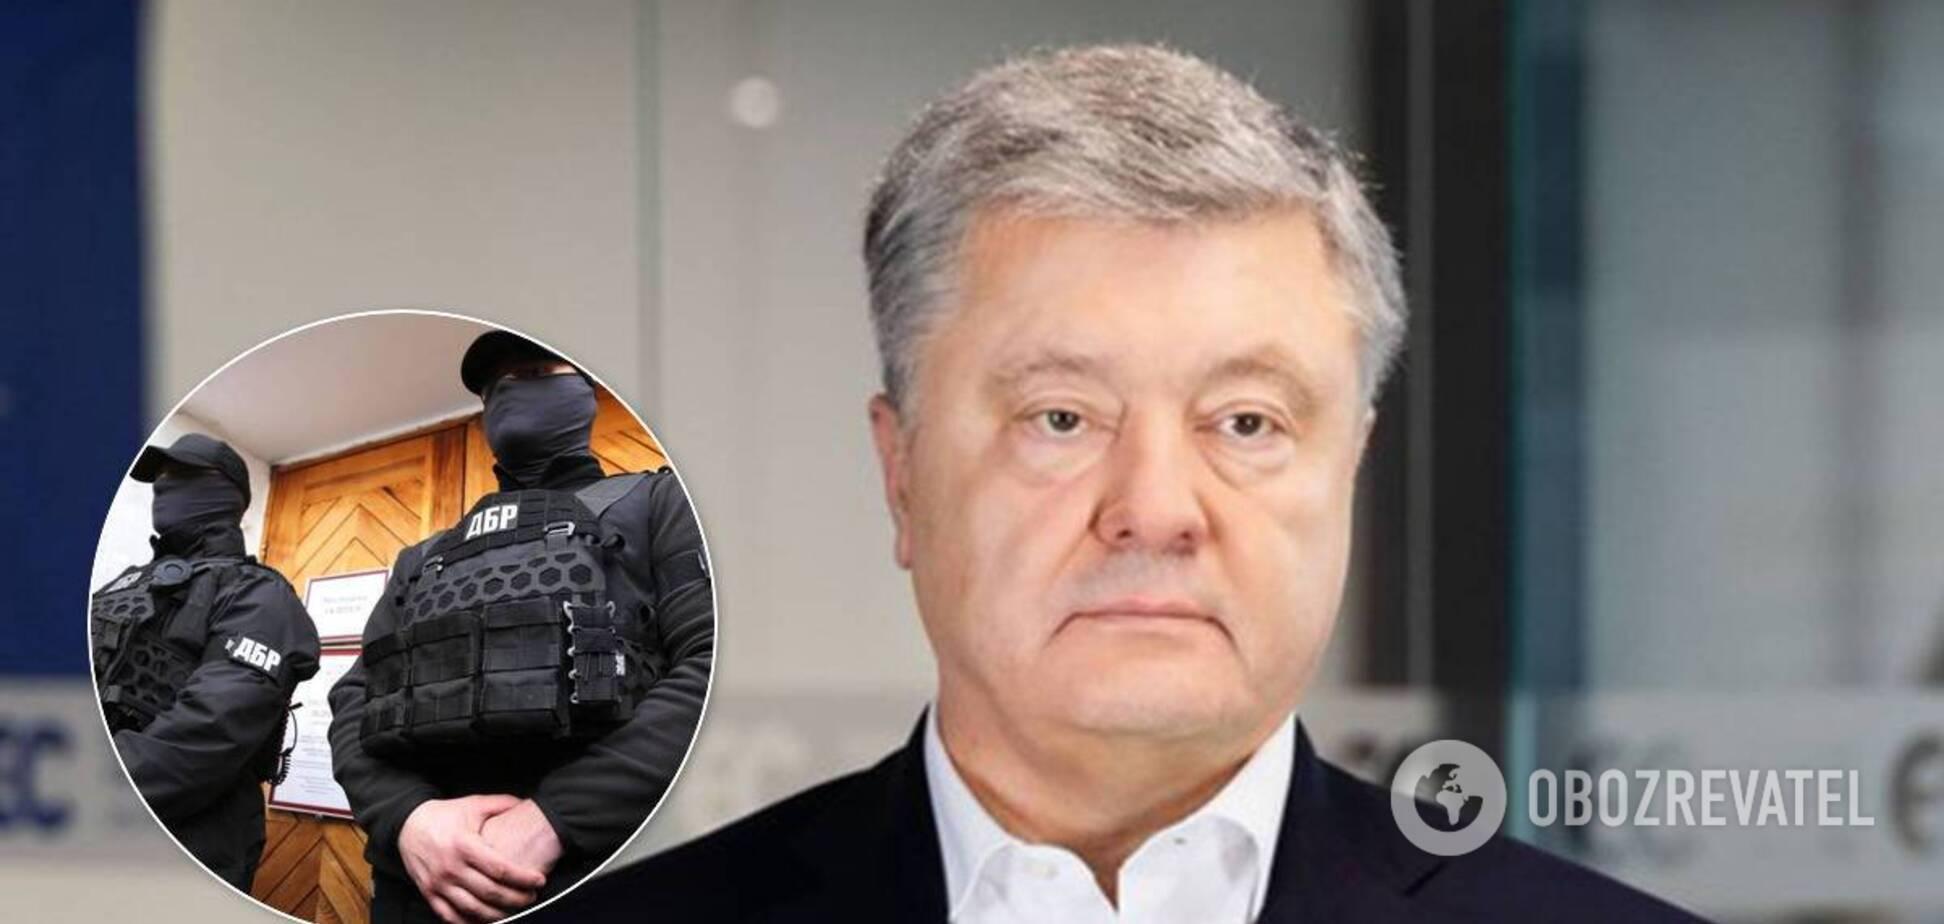 Керівник слідчої групи ДБР зізнався, що на нього тиснули у 'справах' Порошенка